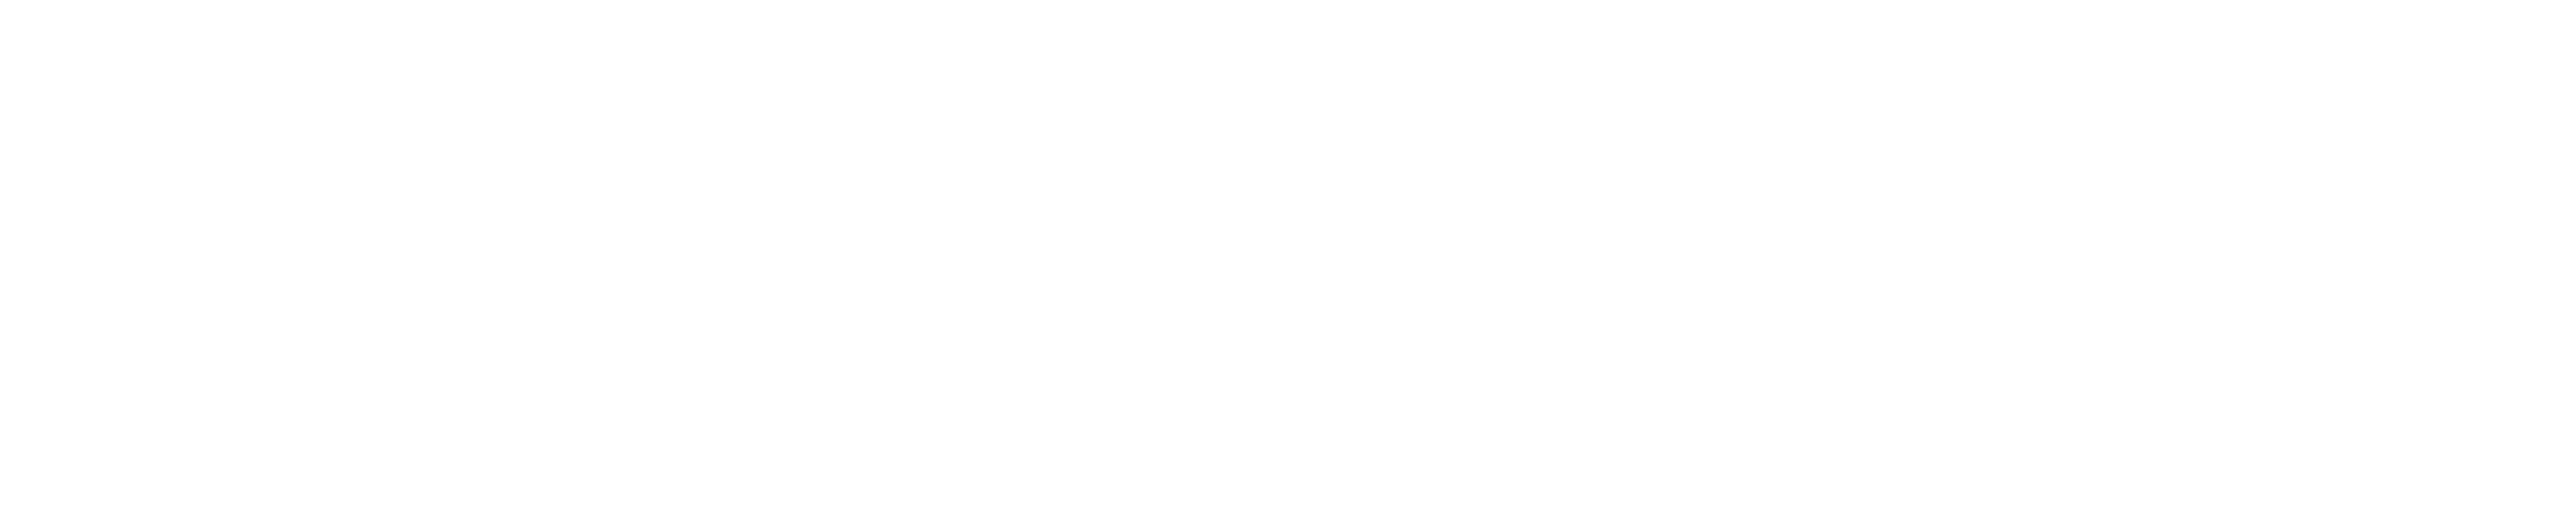 DataStealth Logo 2018 WHITE